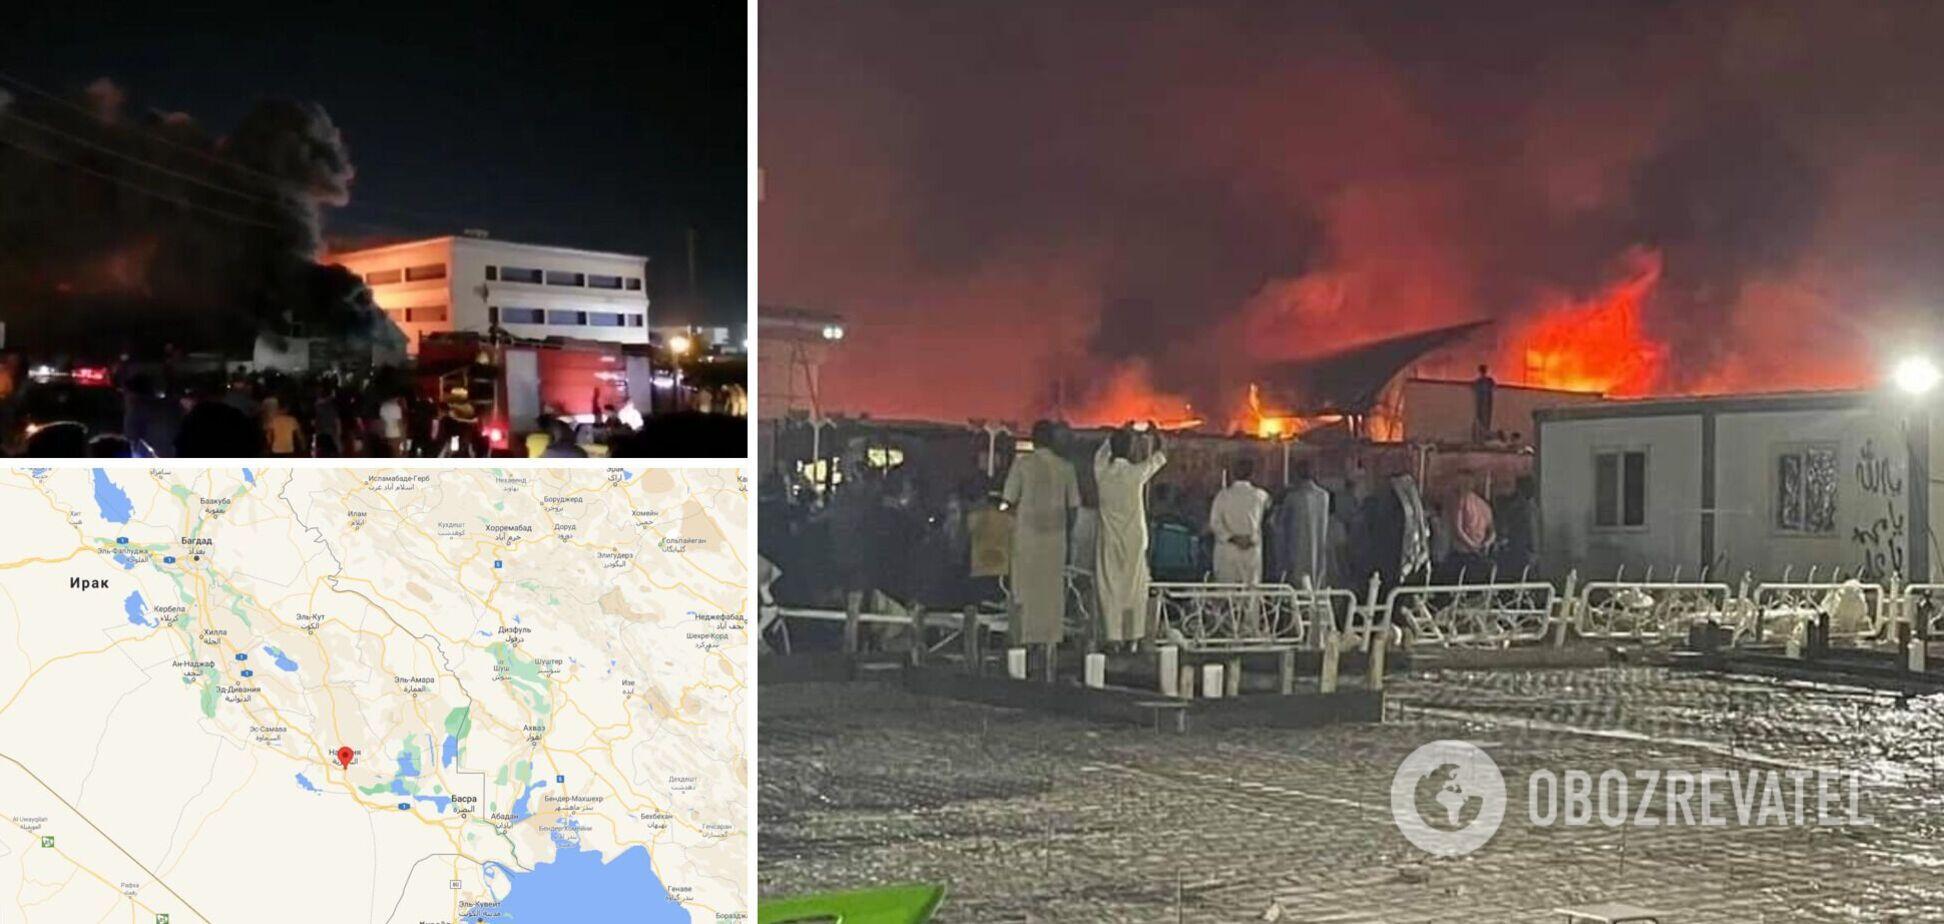 В иракской больнице для пациентов с COVID-19 произошел пожар: количество жертв превысило 120. Фото и видео